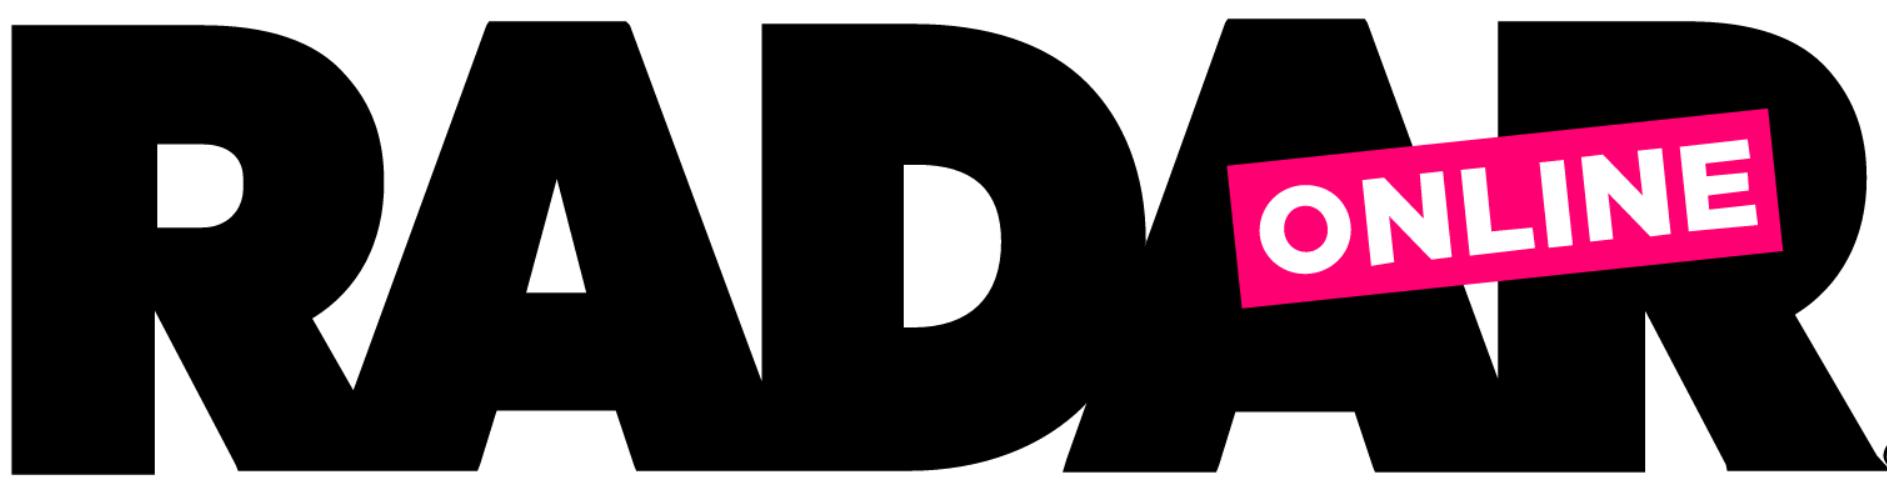 radaronline-logo.png